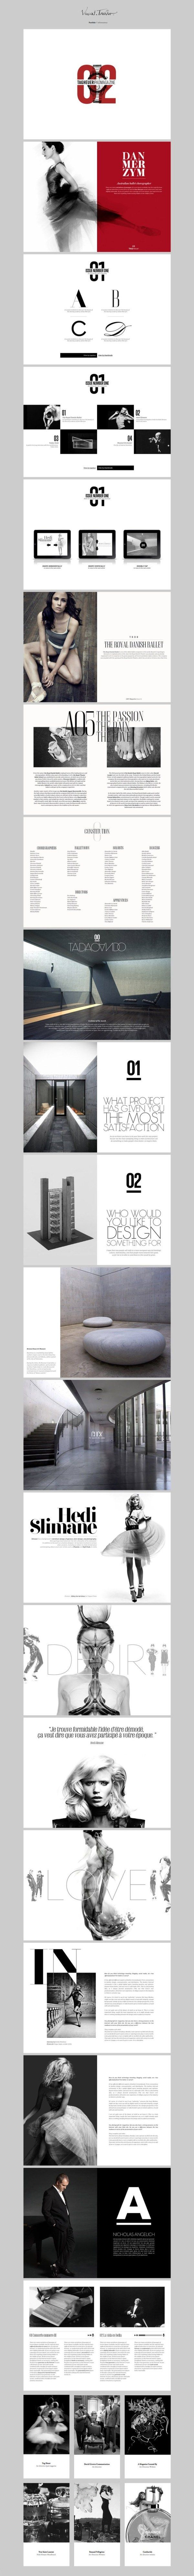 画册排版|画册设计|平面设计 - 设计佳作欣赏 - 站酷 (ZCOOL)